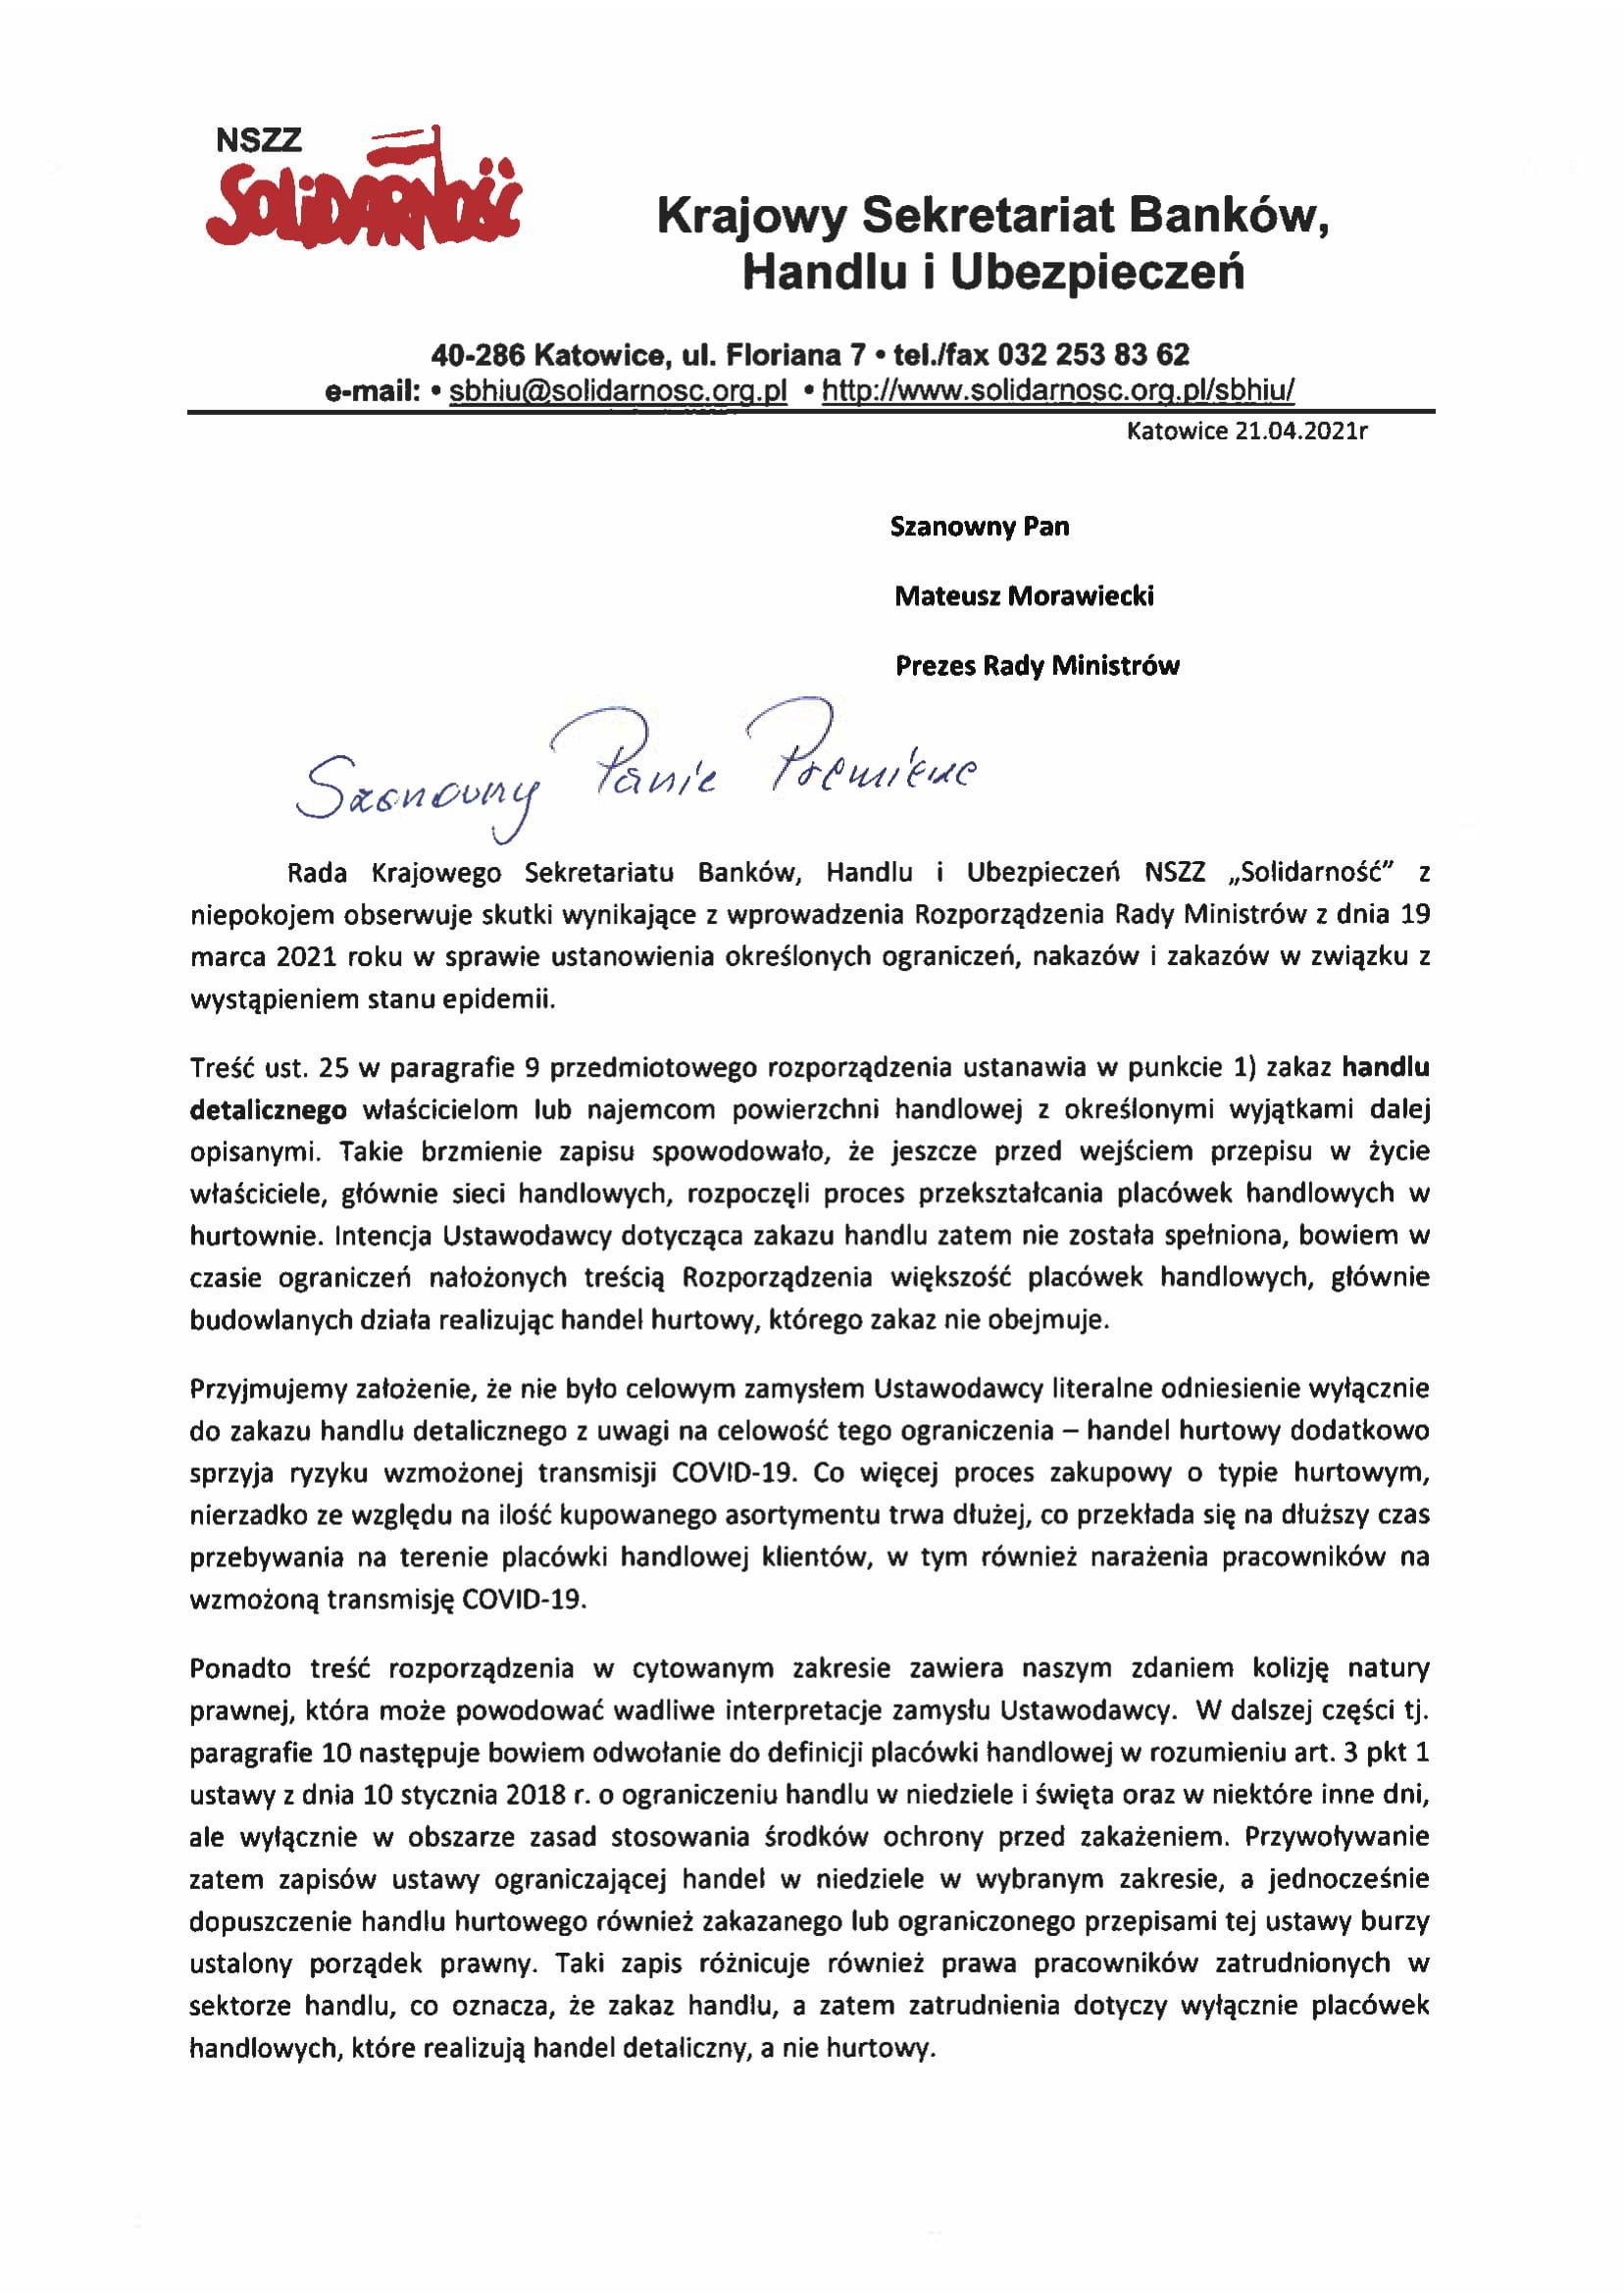 Pismo kierowane do Premiera M.Morawieckiego 21.04.2021 skan-1